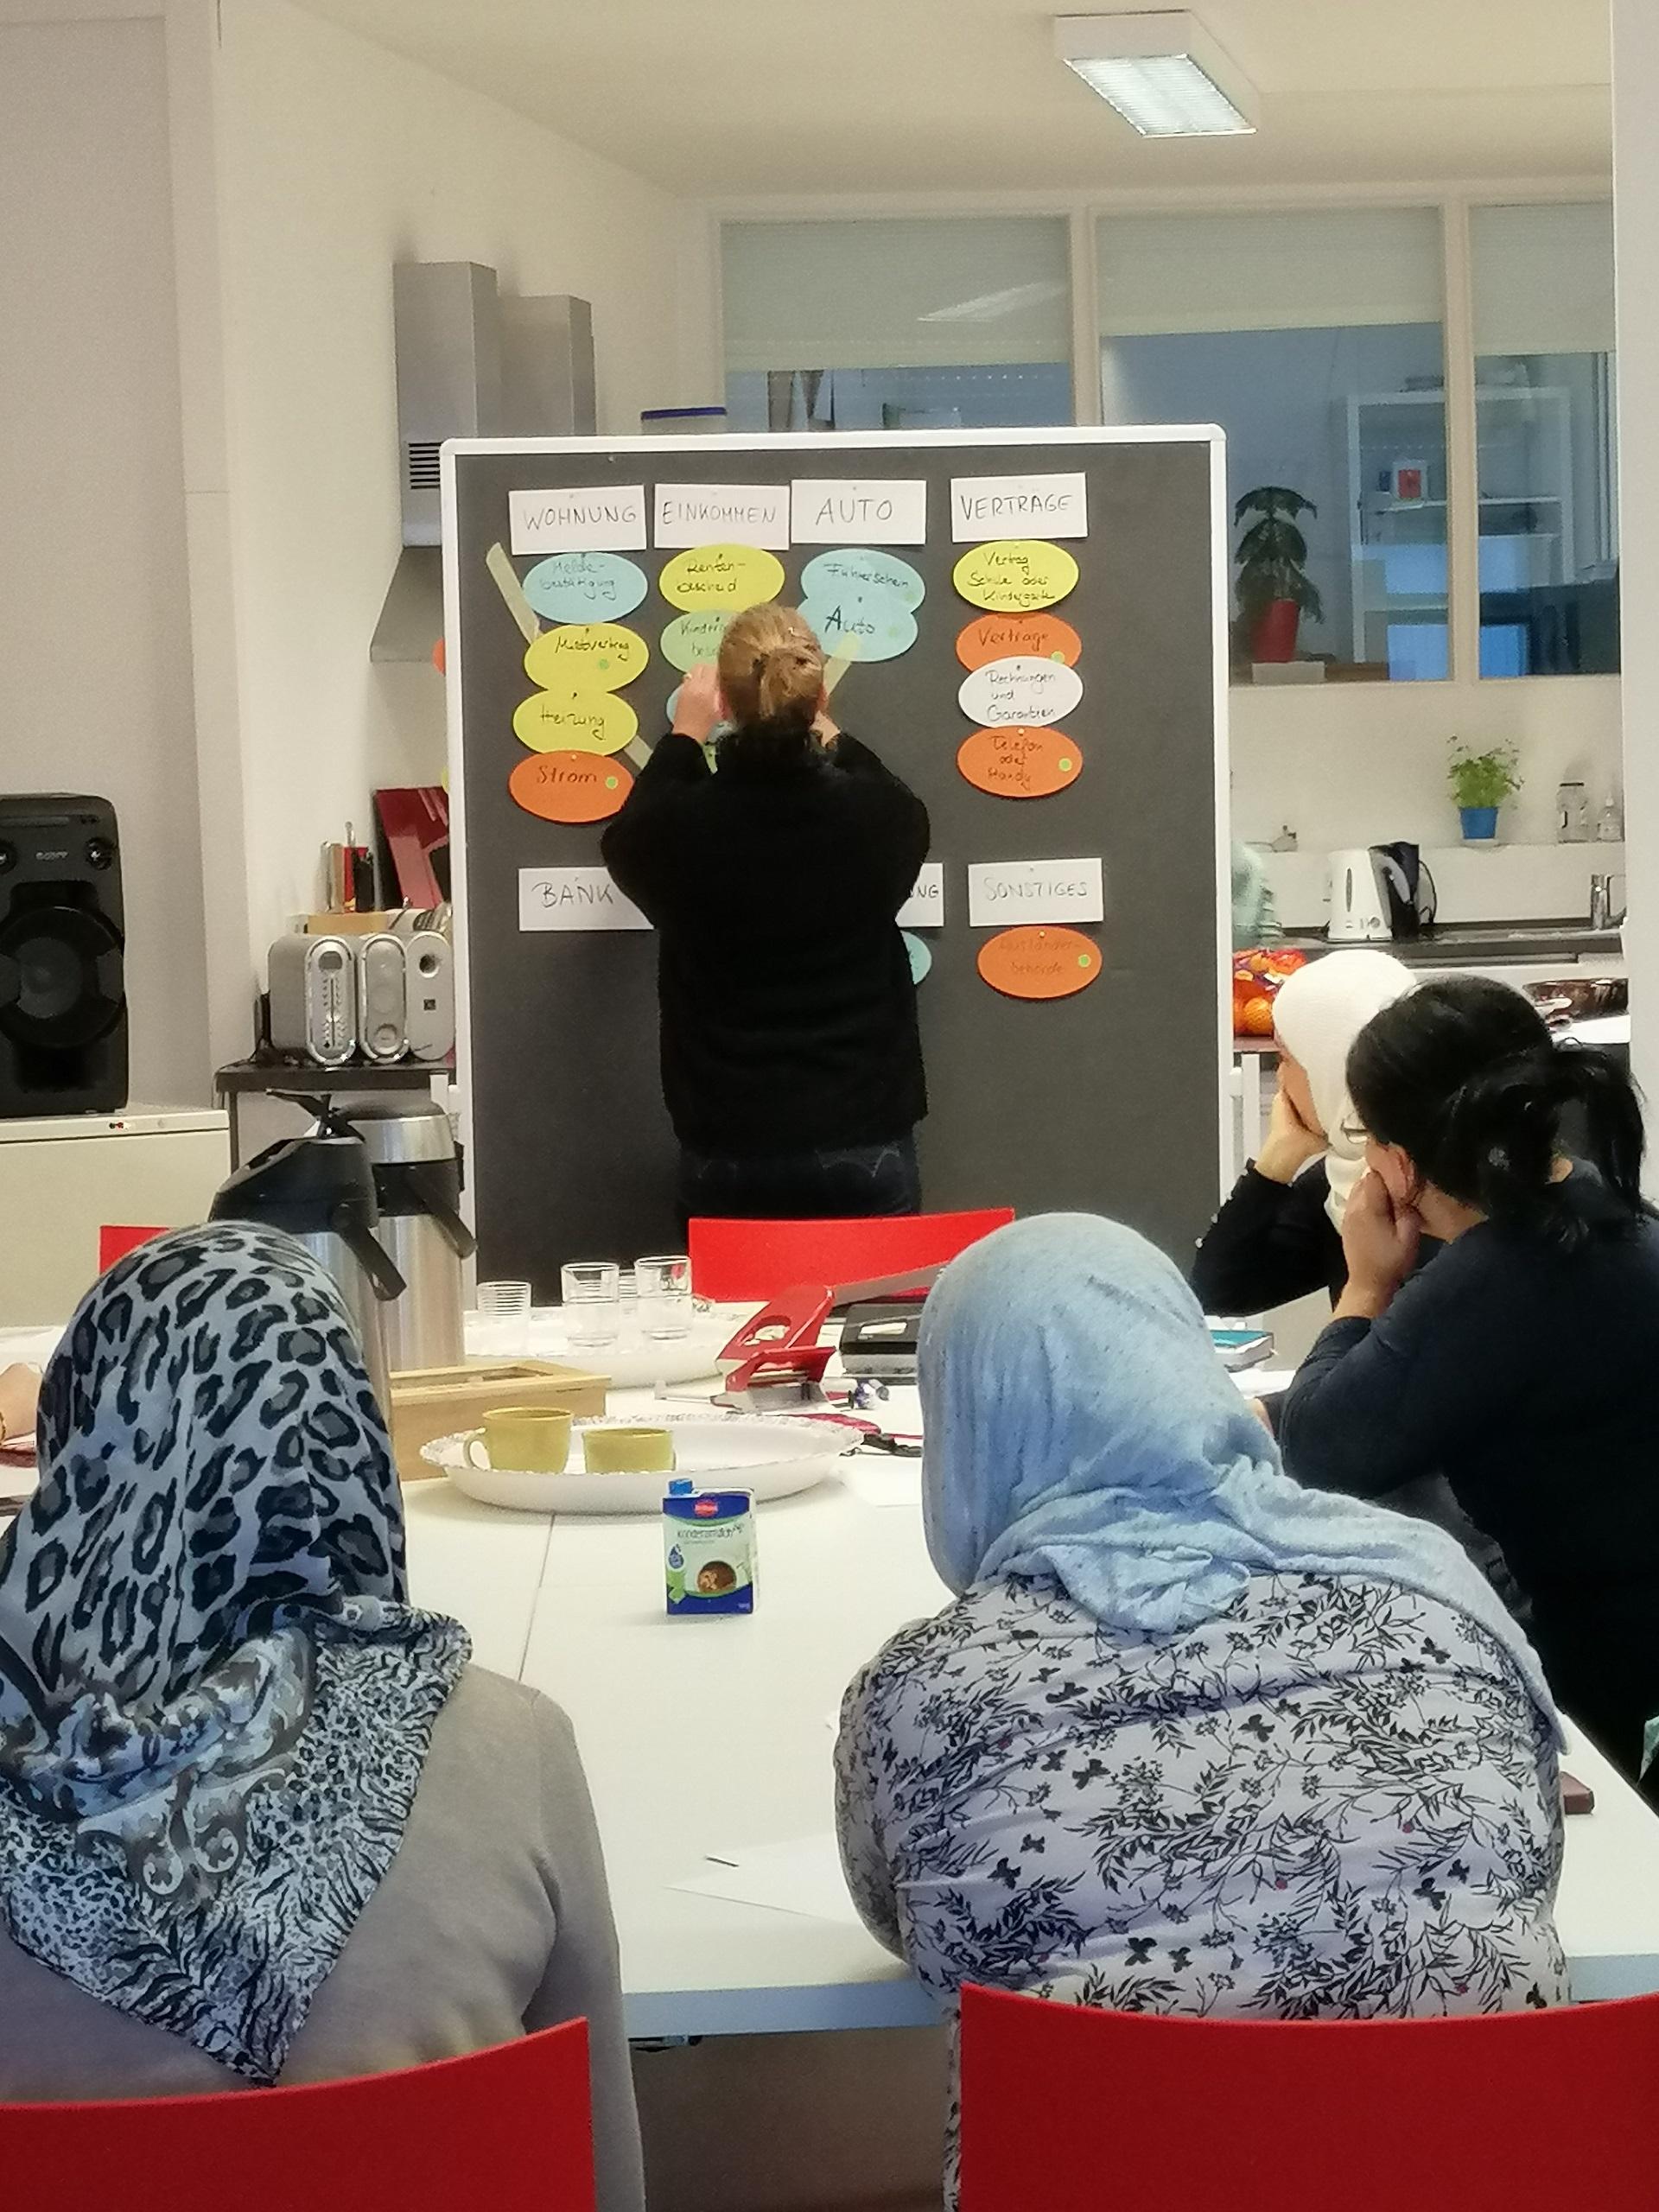 Frauen sitzen um einen Tisch; eine Frau kategorisiert die Zettel an der Pinnwand.